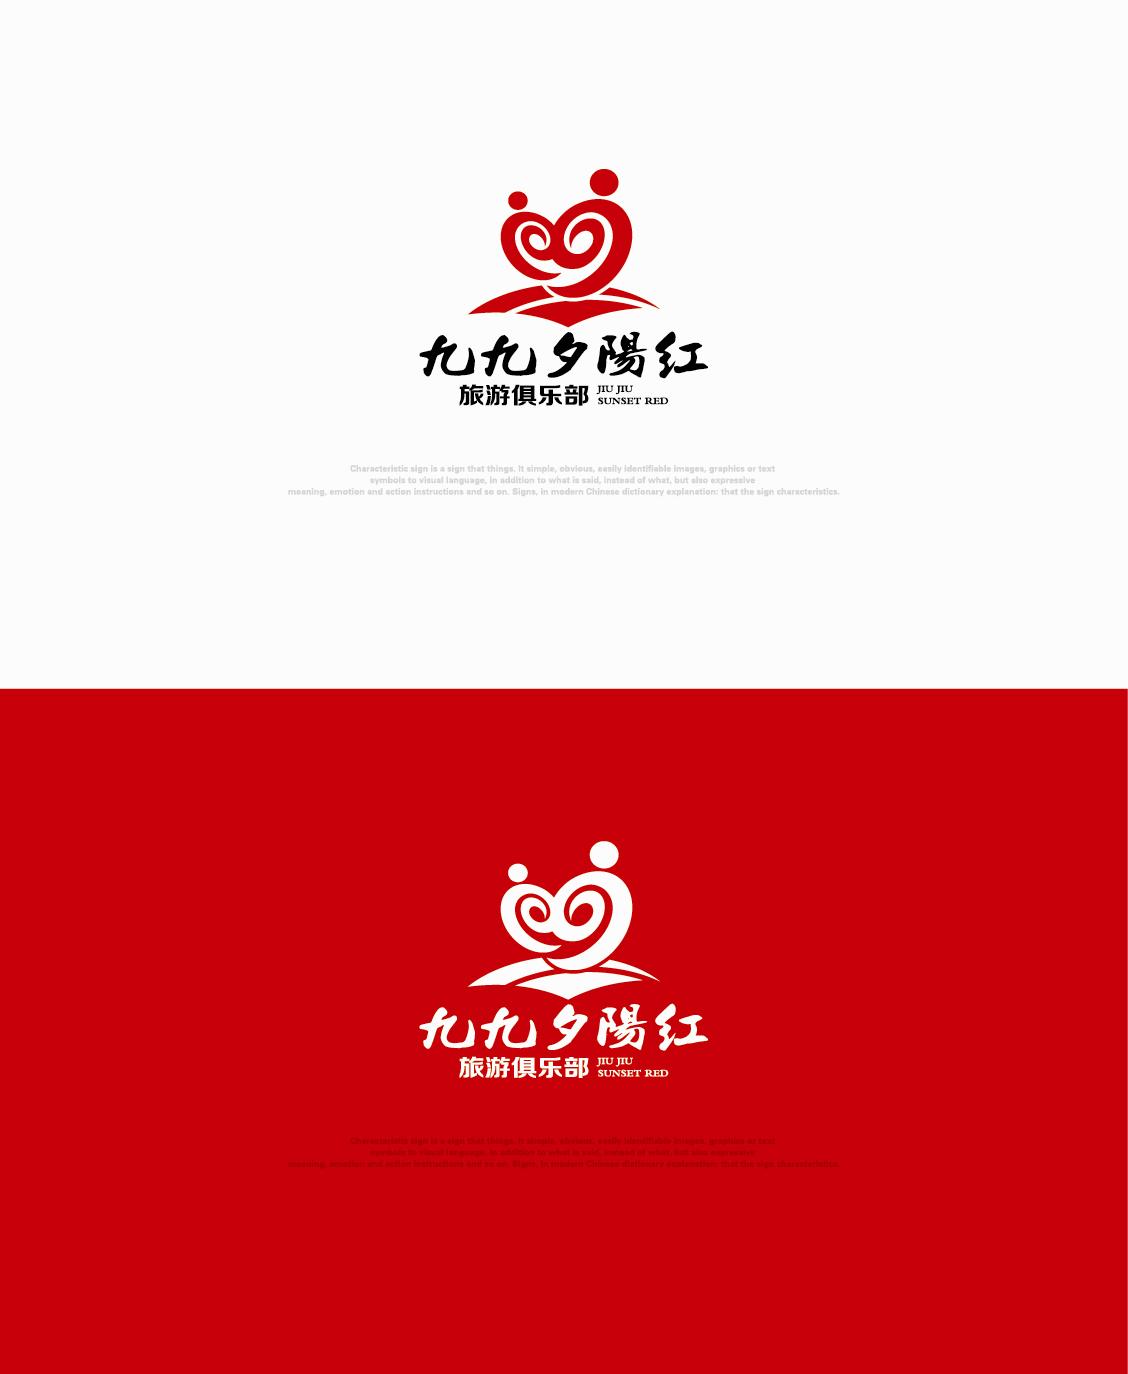 九九夕阳红旅游俱乐部logo设计图片